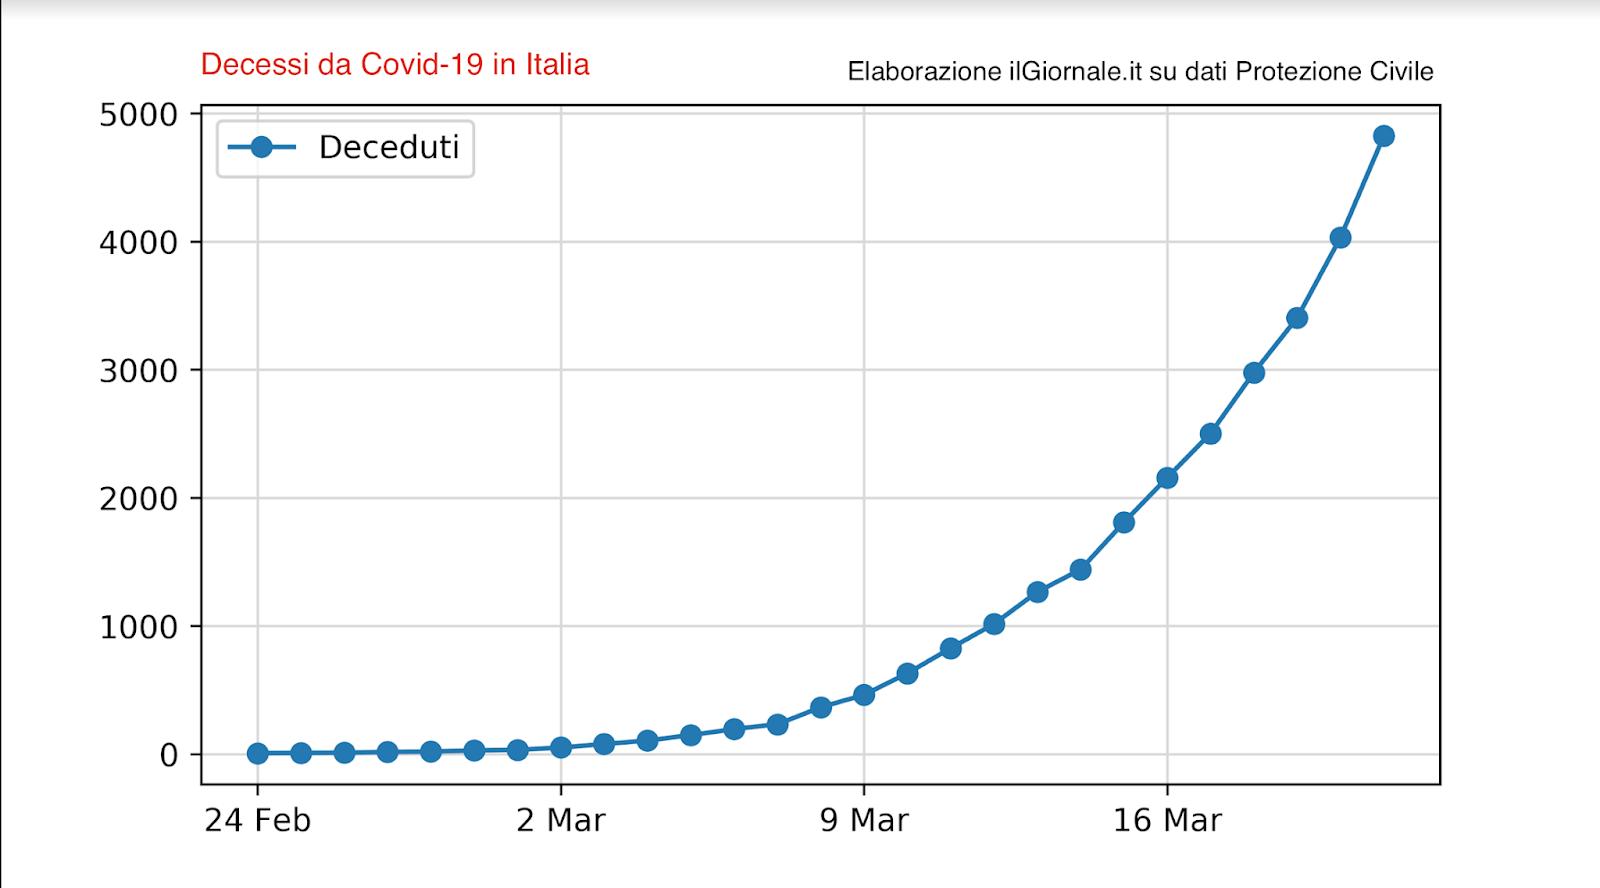 Italija: 14 % mirusių nuo Covid-19 yra darbingo amžiaus